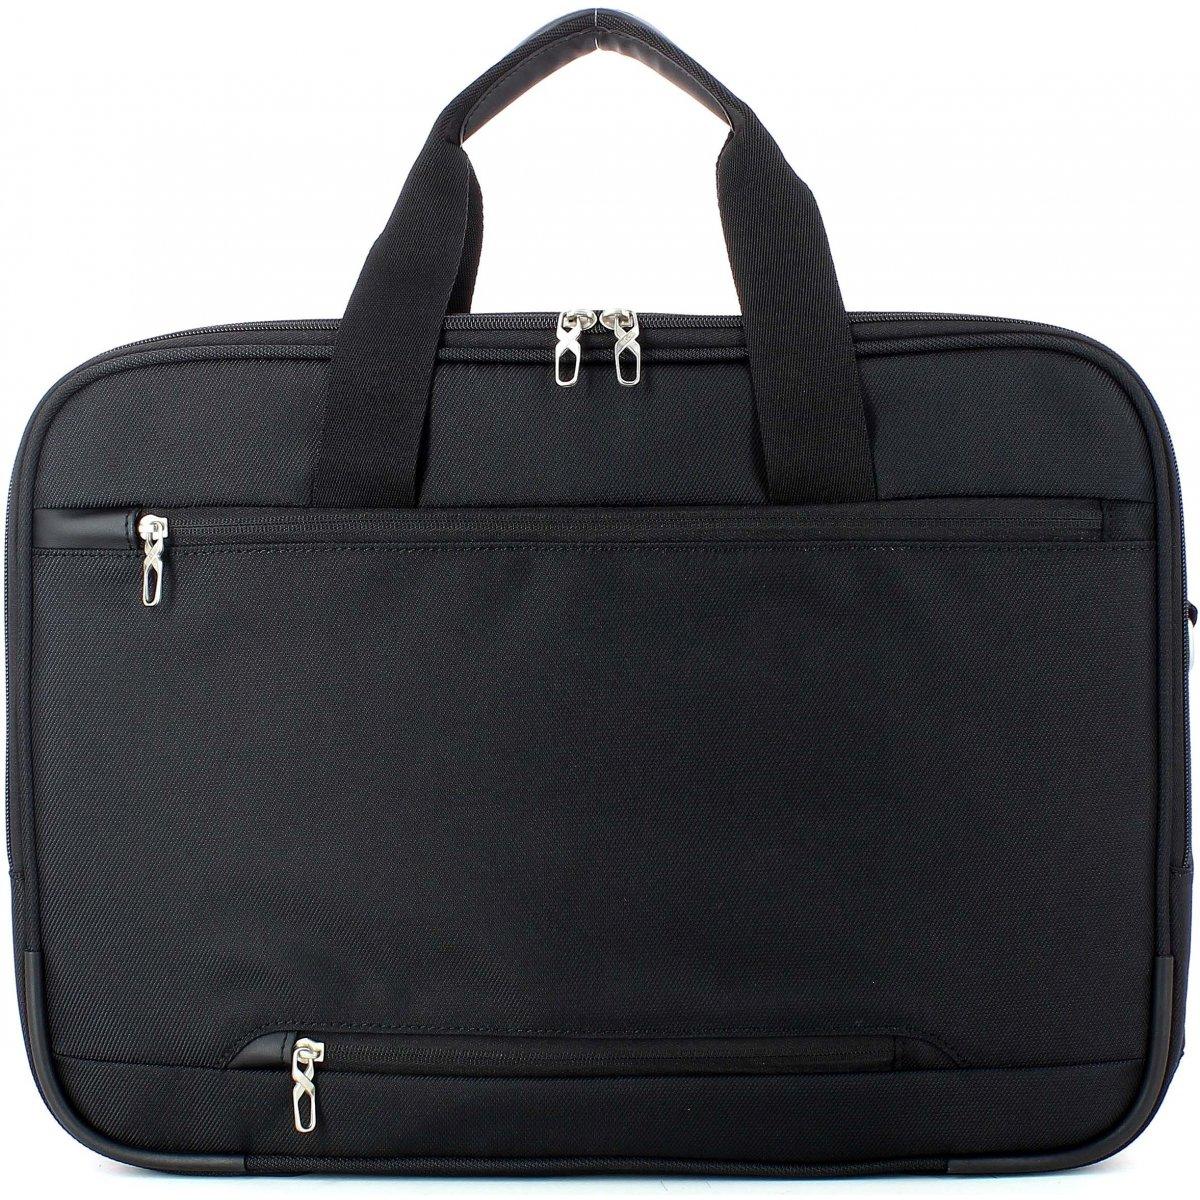 Serviette porte ordinateur 16 samsonite xblade59 couleur principale noir solde - Porte serviette pas cher ...